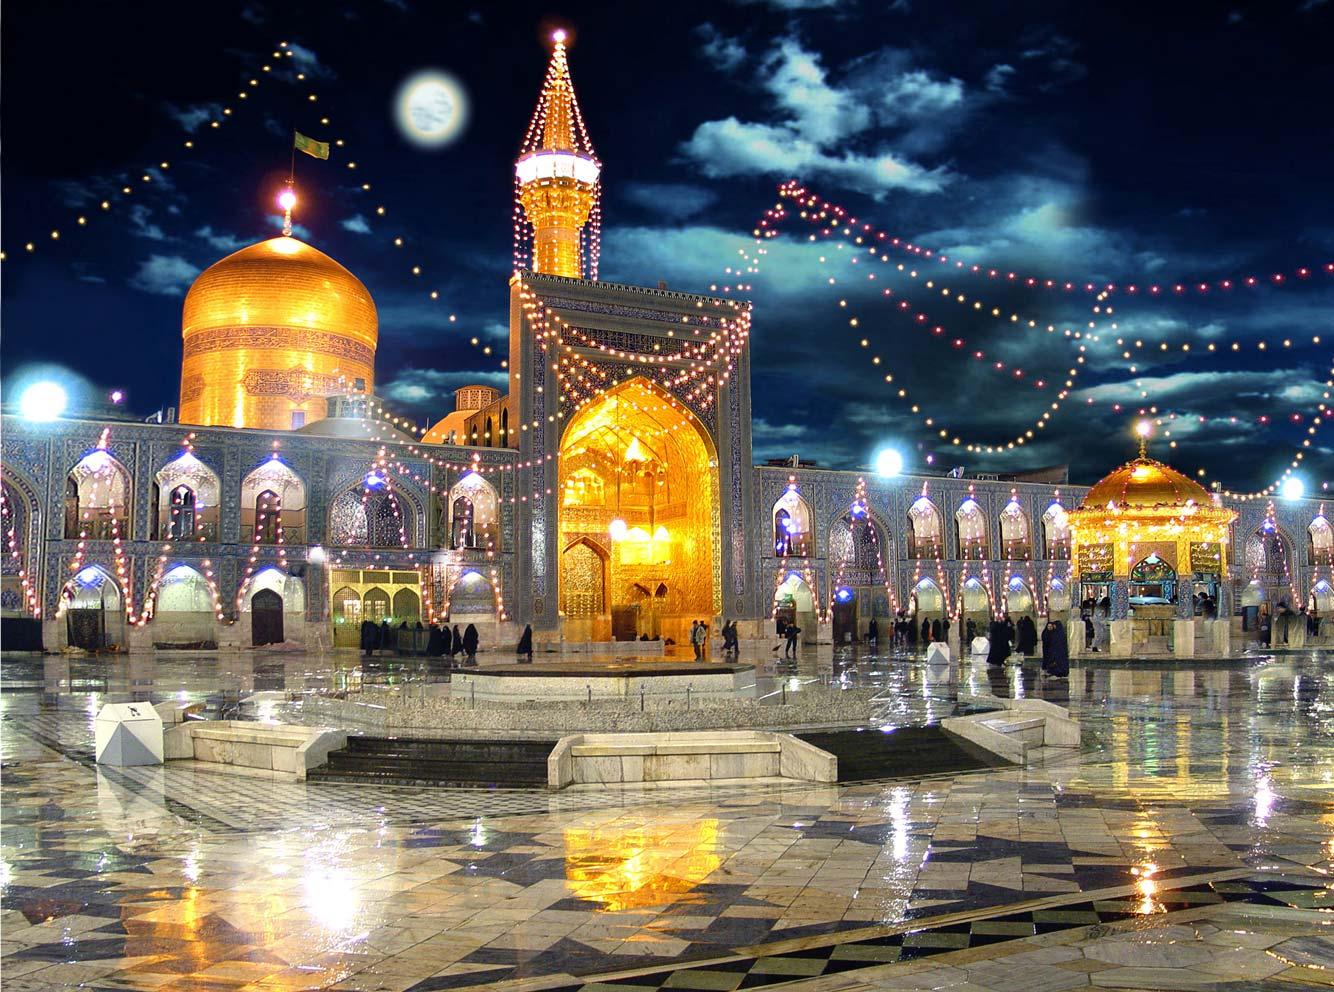 مجموعه زیبای عکس های حرم امام رضا علیه السلام با کیفیت عالی قسمت دوم